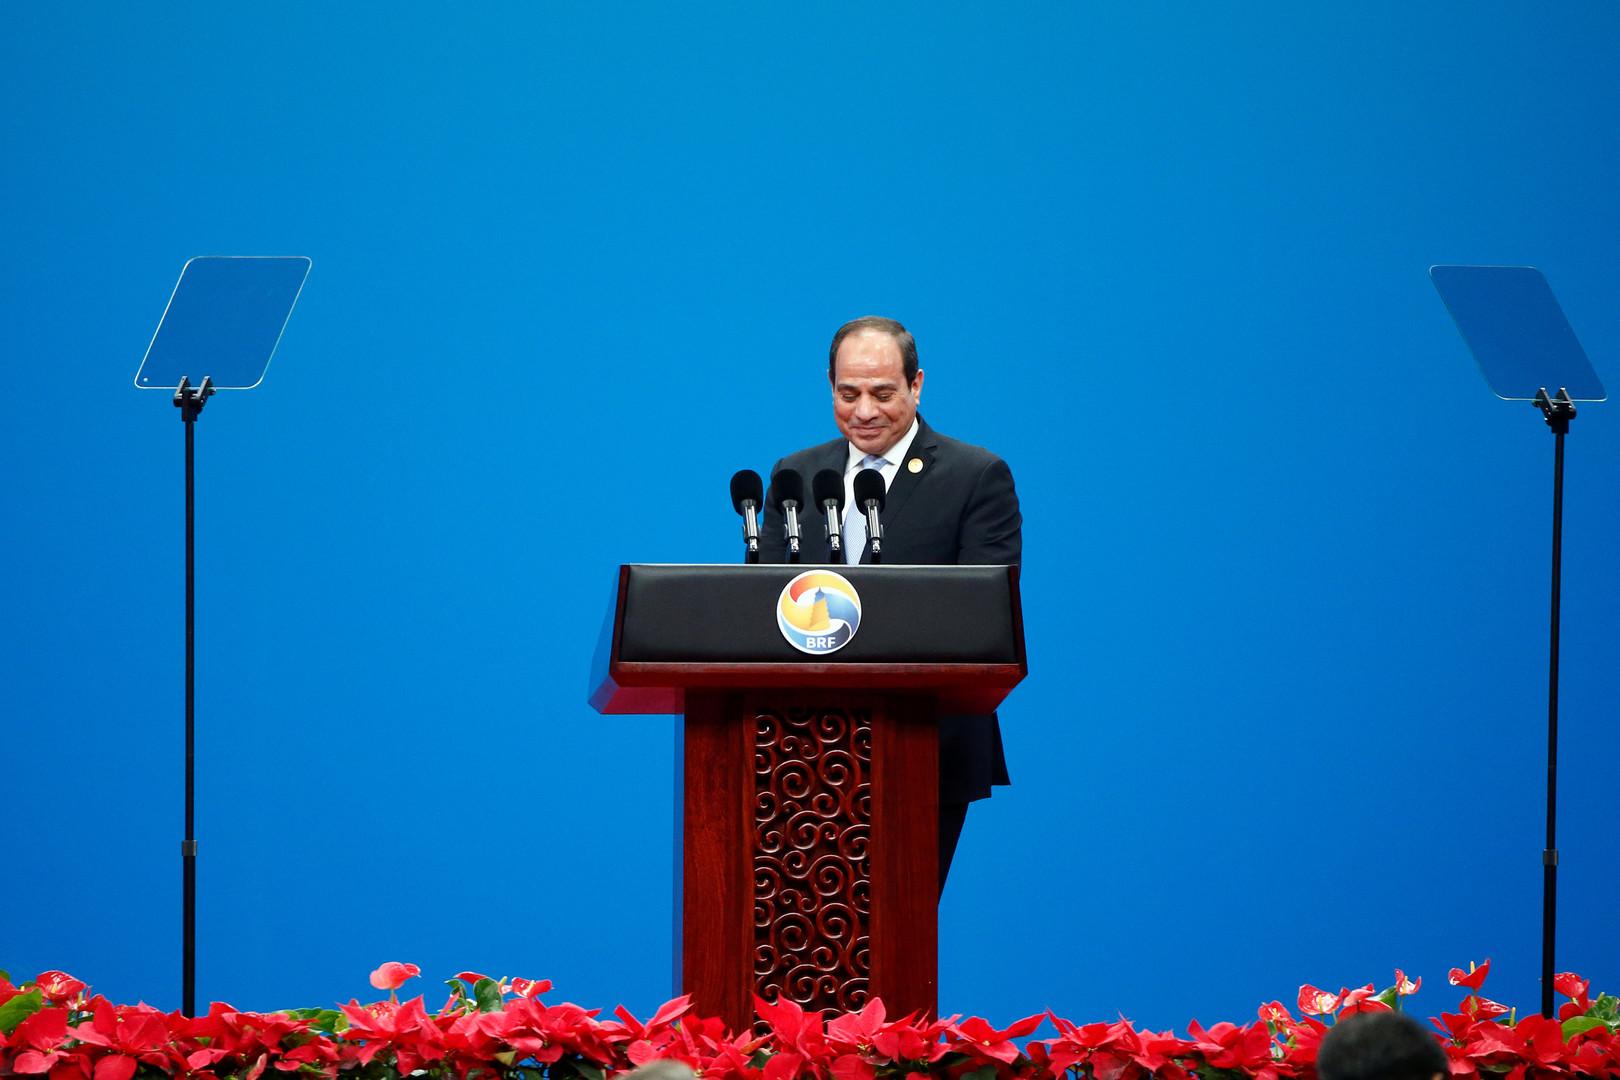 السيسي يصادق على أكبر ميزانية في تاريخ مصر